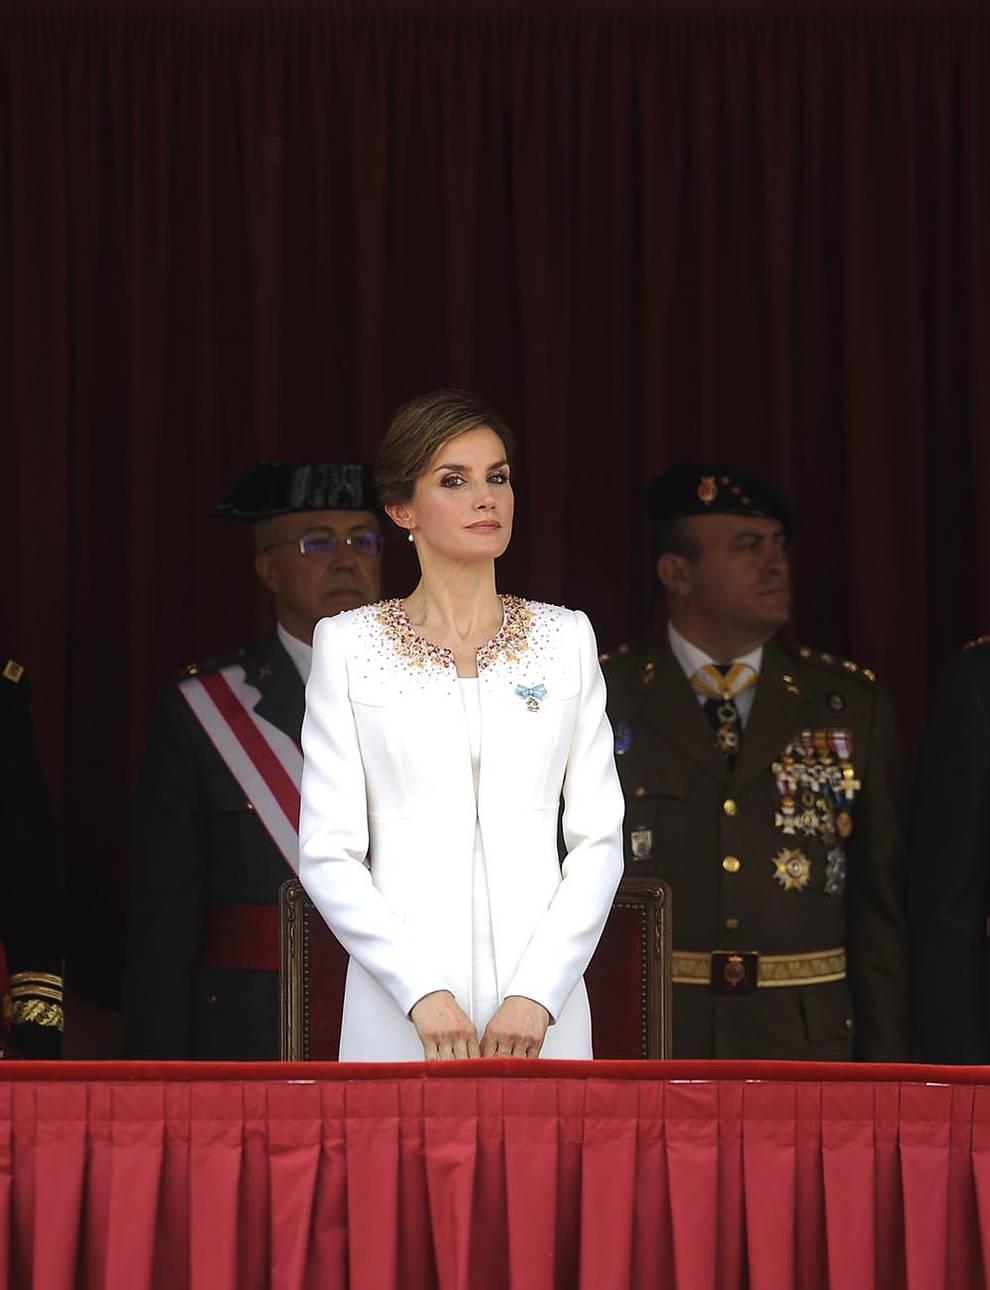 """Doña Letizia instaura un nuevo protocolo (1/28) - Fernández Díaz: """"La Guardia Civil no se marchará jamás del País Vasco"""" - Nacional -"""